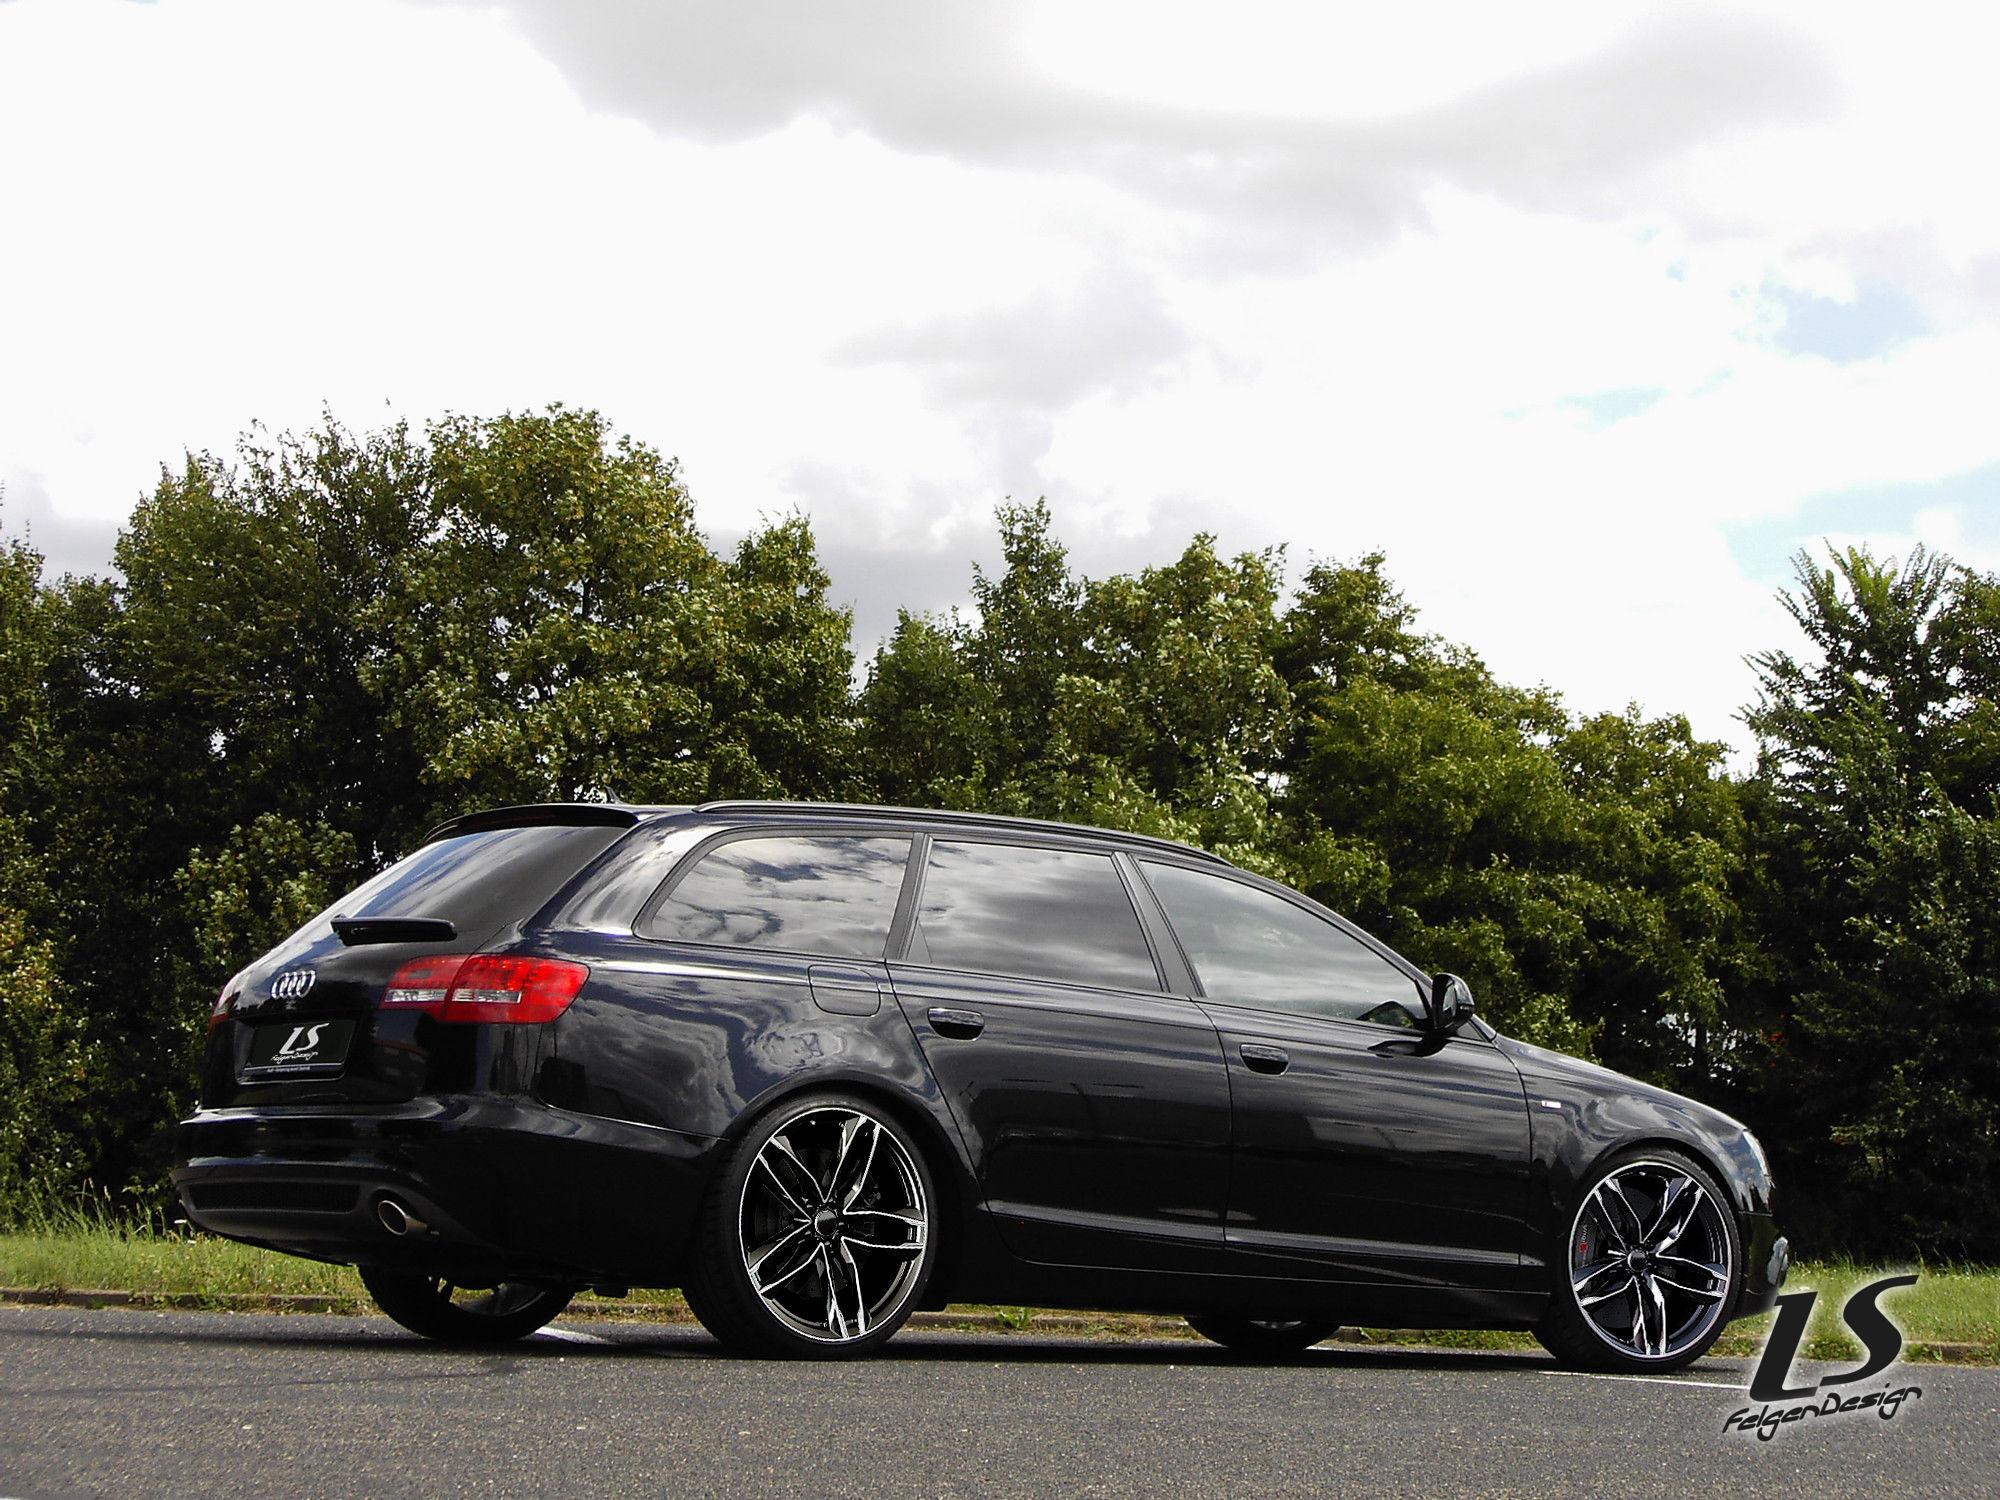 Audi a6 4f 4f1 avant 20zoll 9x20 audi s line felgen alufelgen rotor - Pin Audi A6 S6 Rs6 4g 4f 20zoll Sommerr 195 194 164 Der Alufelgen